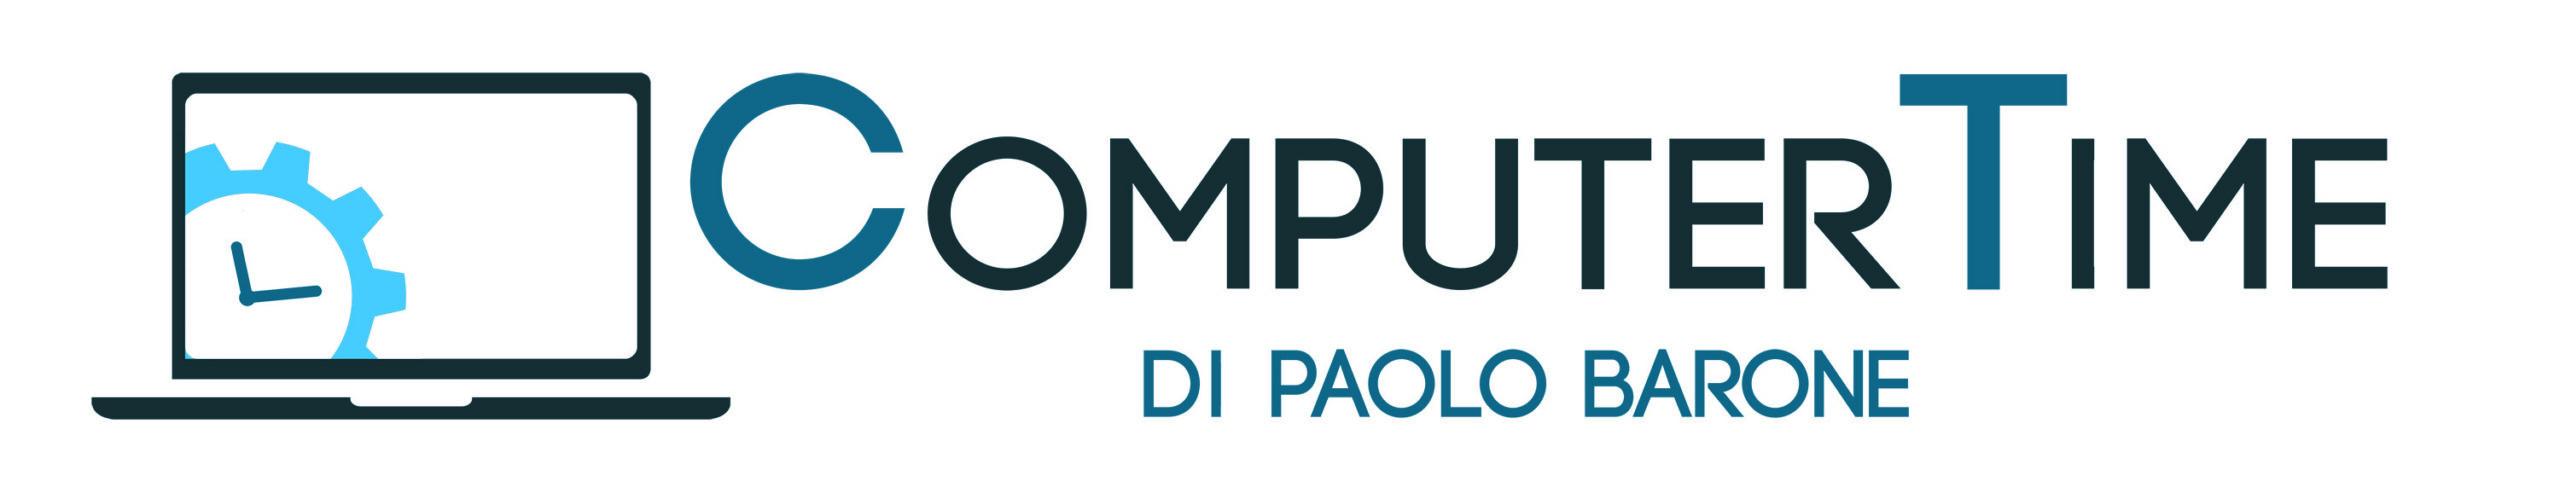 Computer Time di Paolo Barone L'Aquila